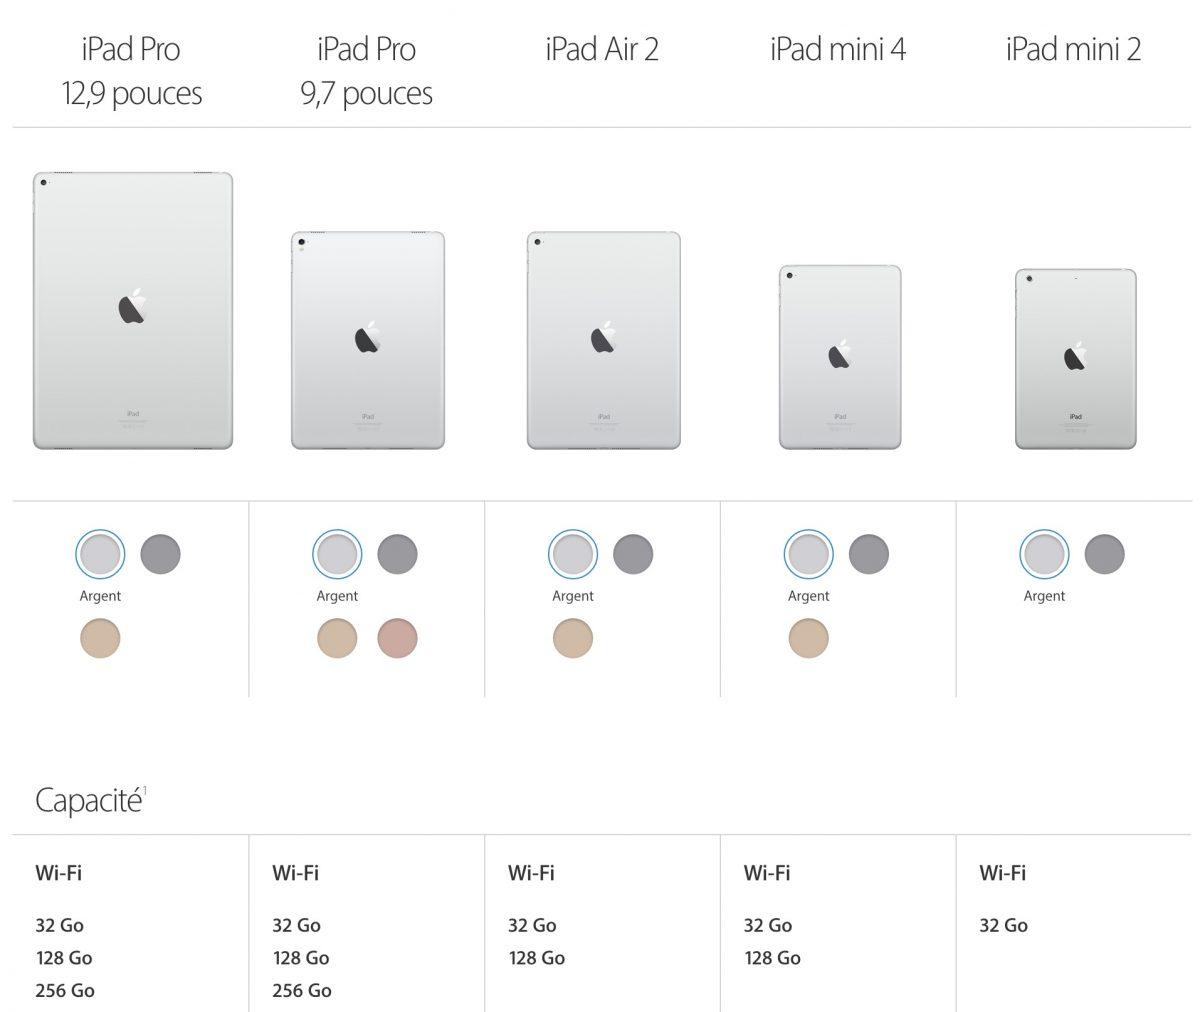 Le comparateur Apple pour les iPads